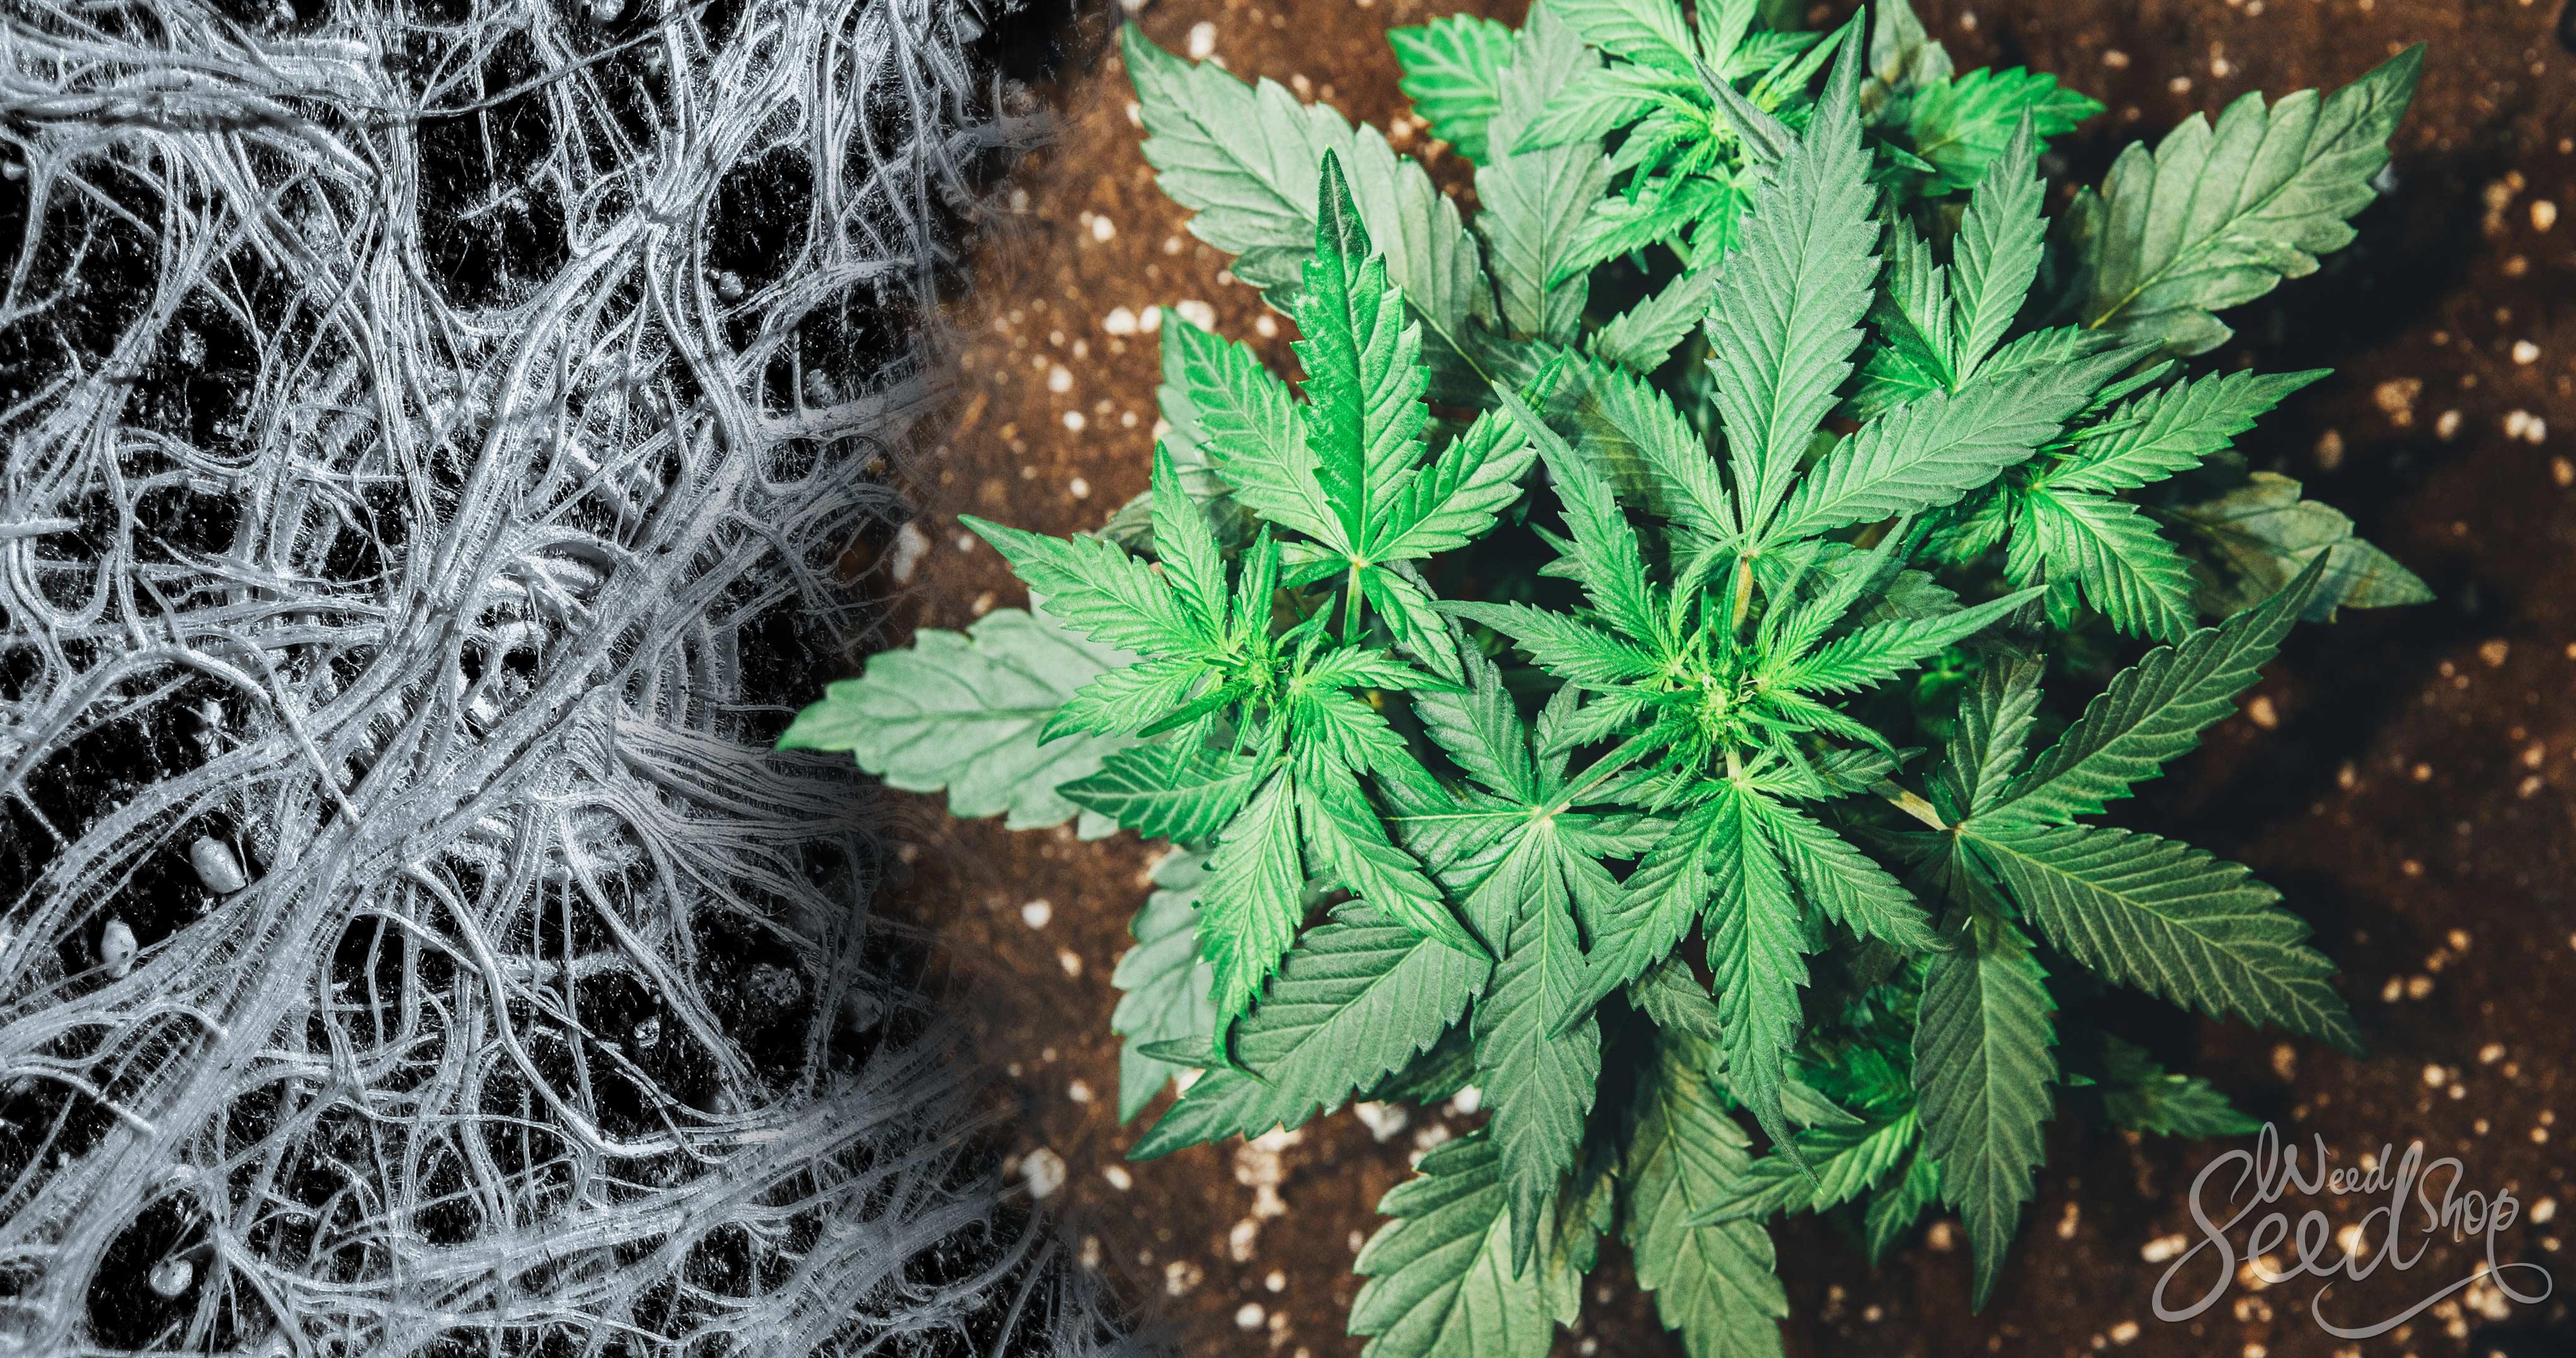 Les mycorhizes, des champignons utiles aux plantes